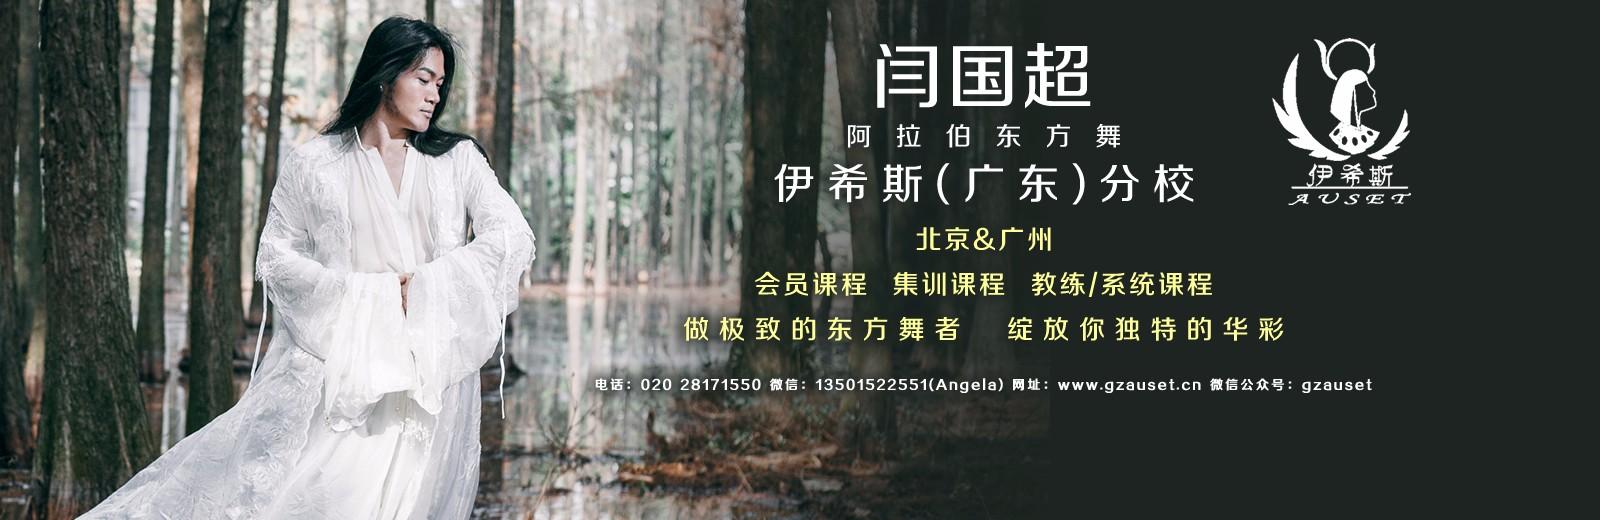 昊月国际东方舞(肚皮舞)艺术节